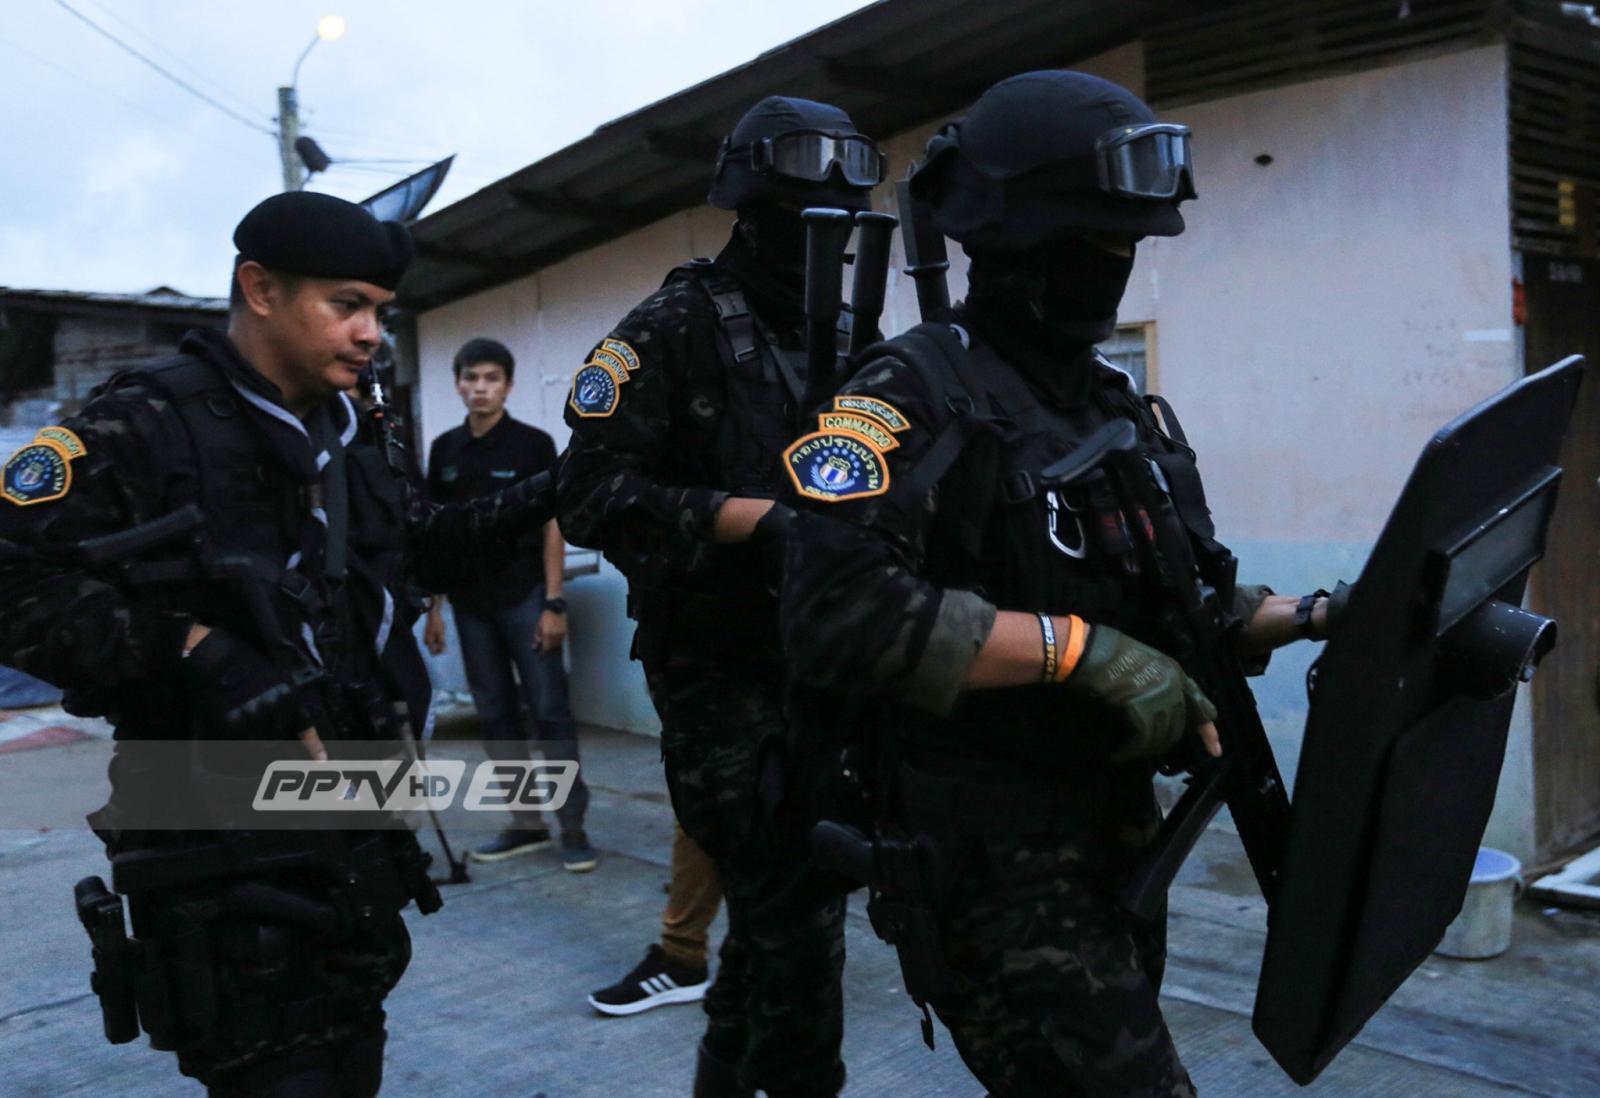 ตำรวจเปิดยุทธการฟ้าสางที่กลางกรุง บุกแหล่งยาเสพติด 19 จุด